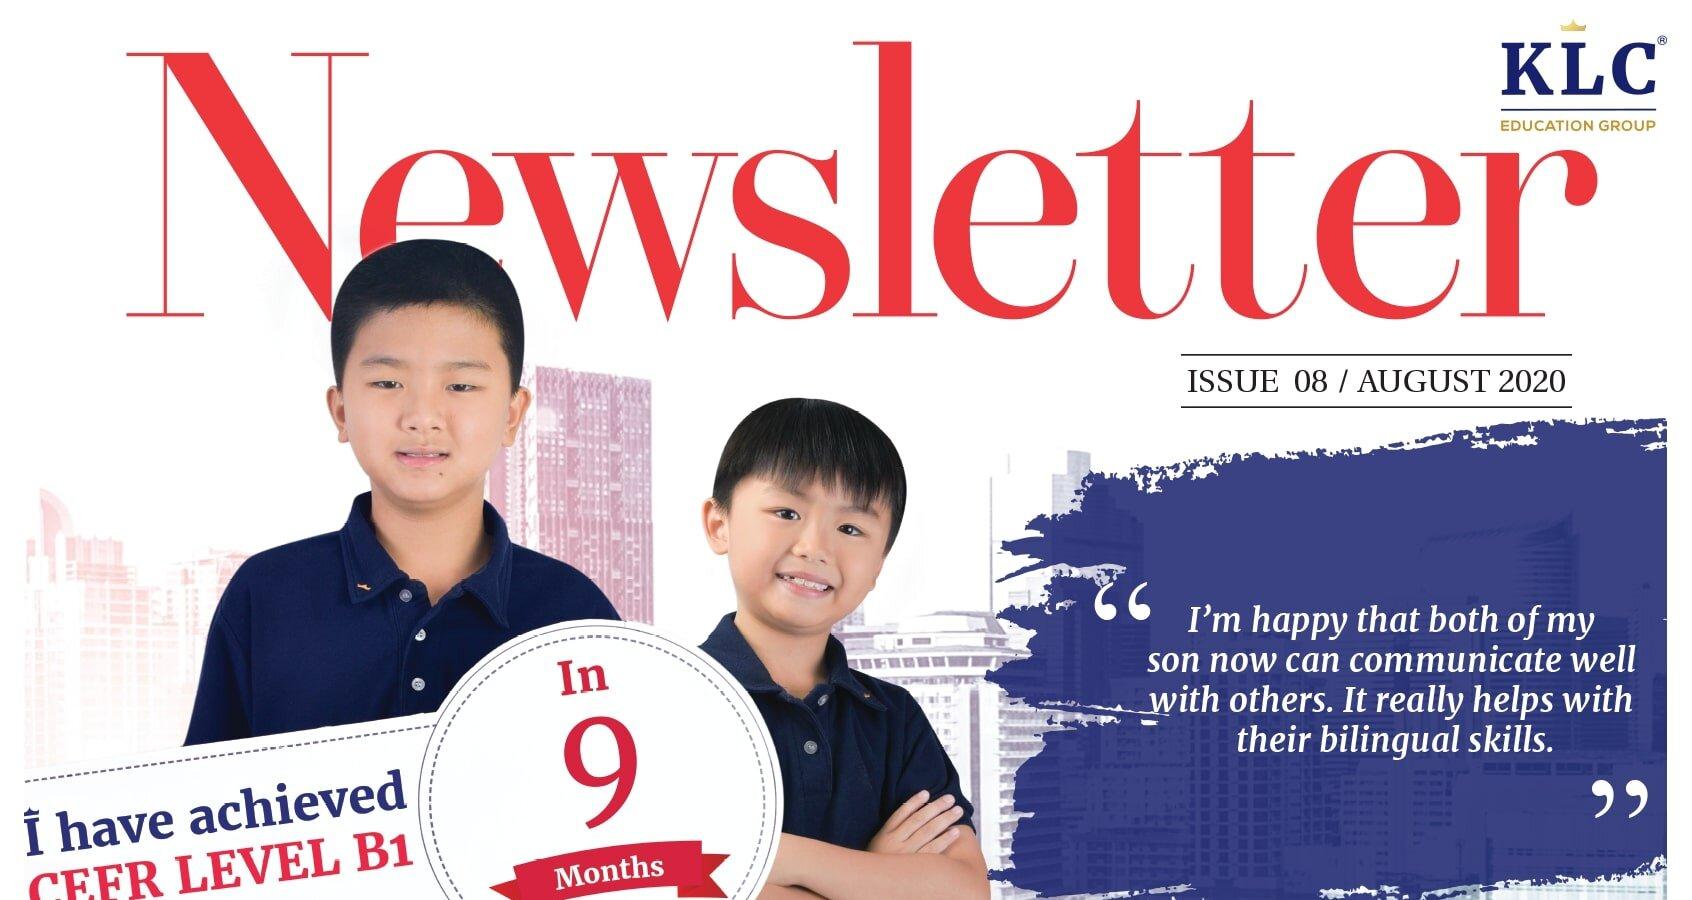 KLC Newsletter August 2020